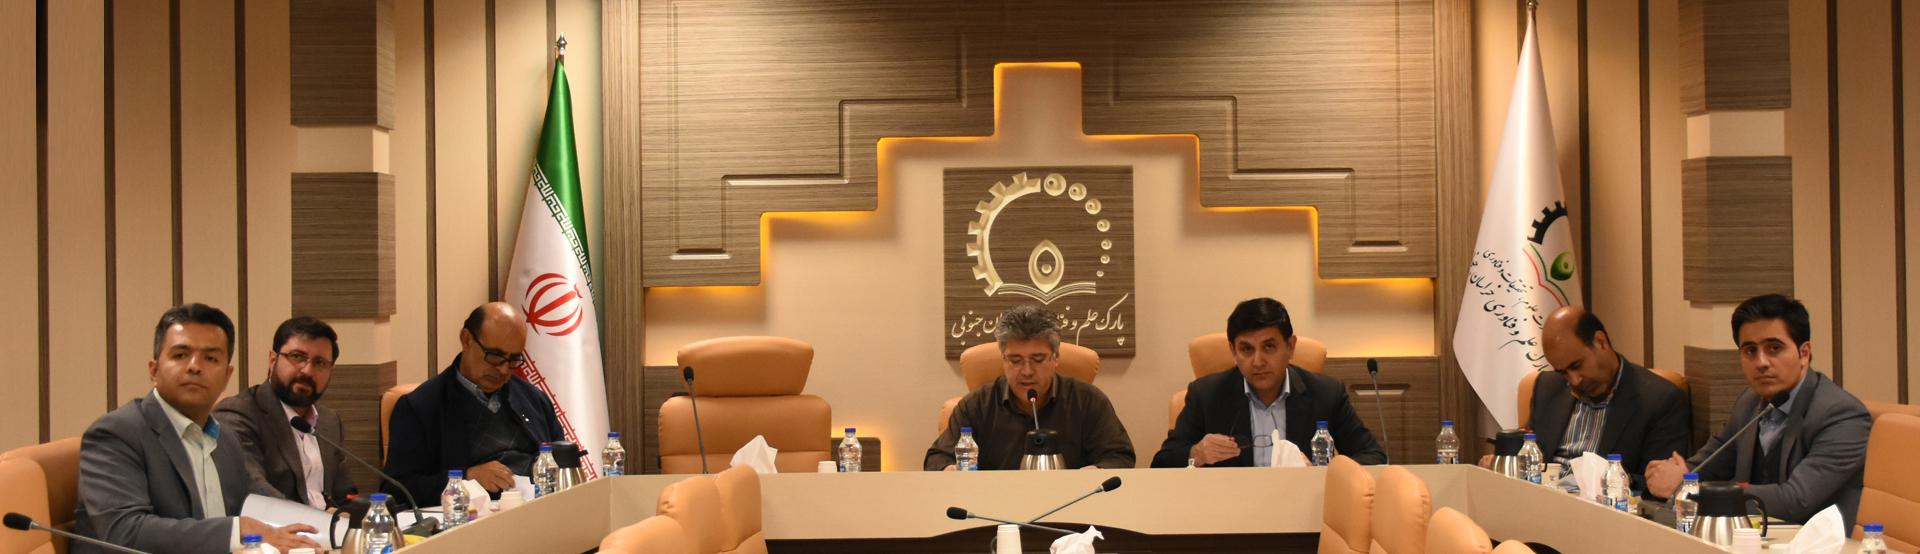 دومین نشست کمیسیون دائمی هیئت امنای پارک علم و فناوری خراسان جنوبی